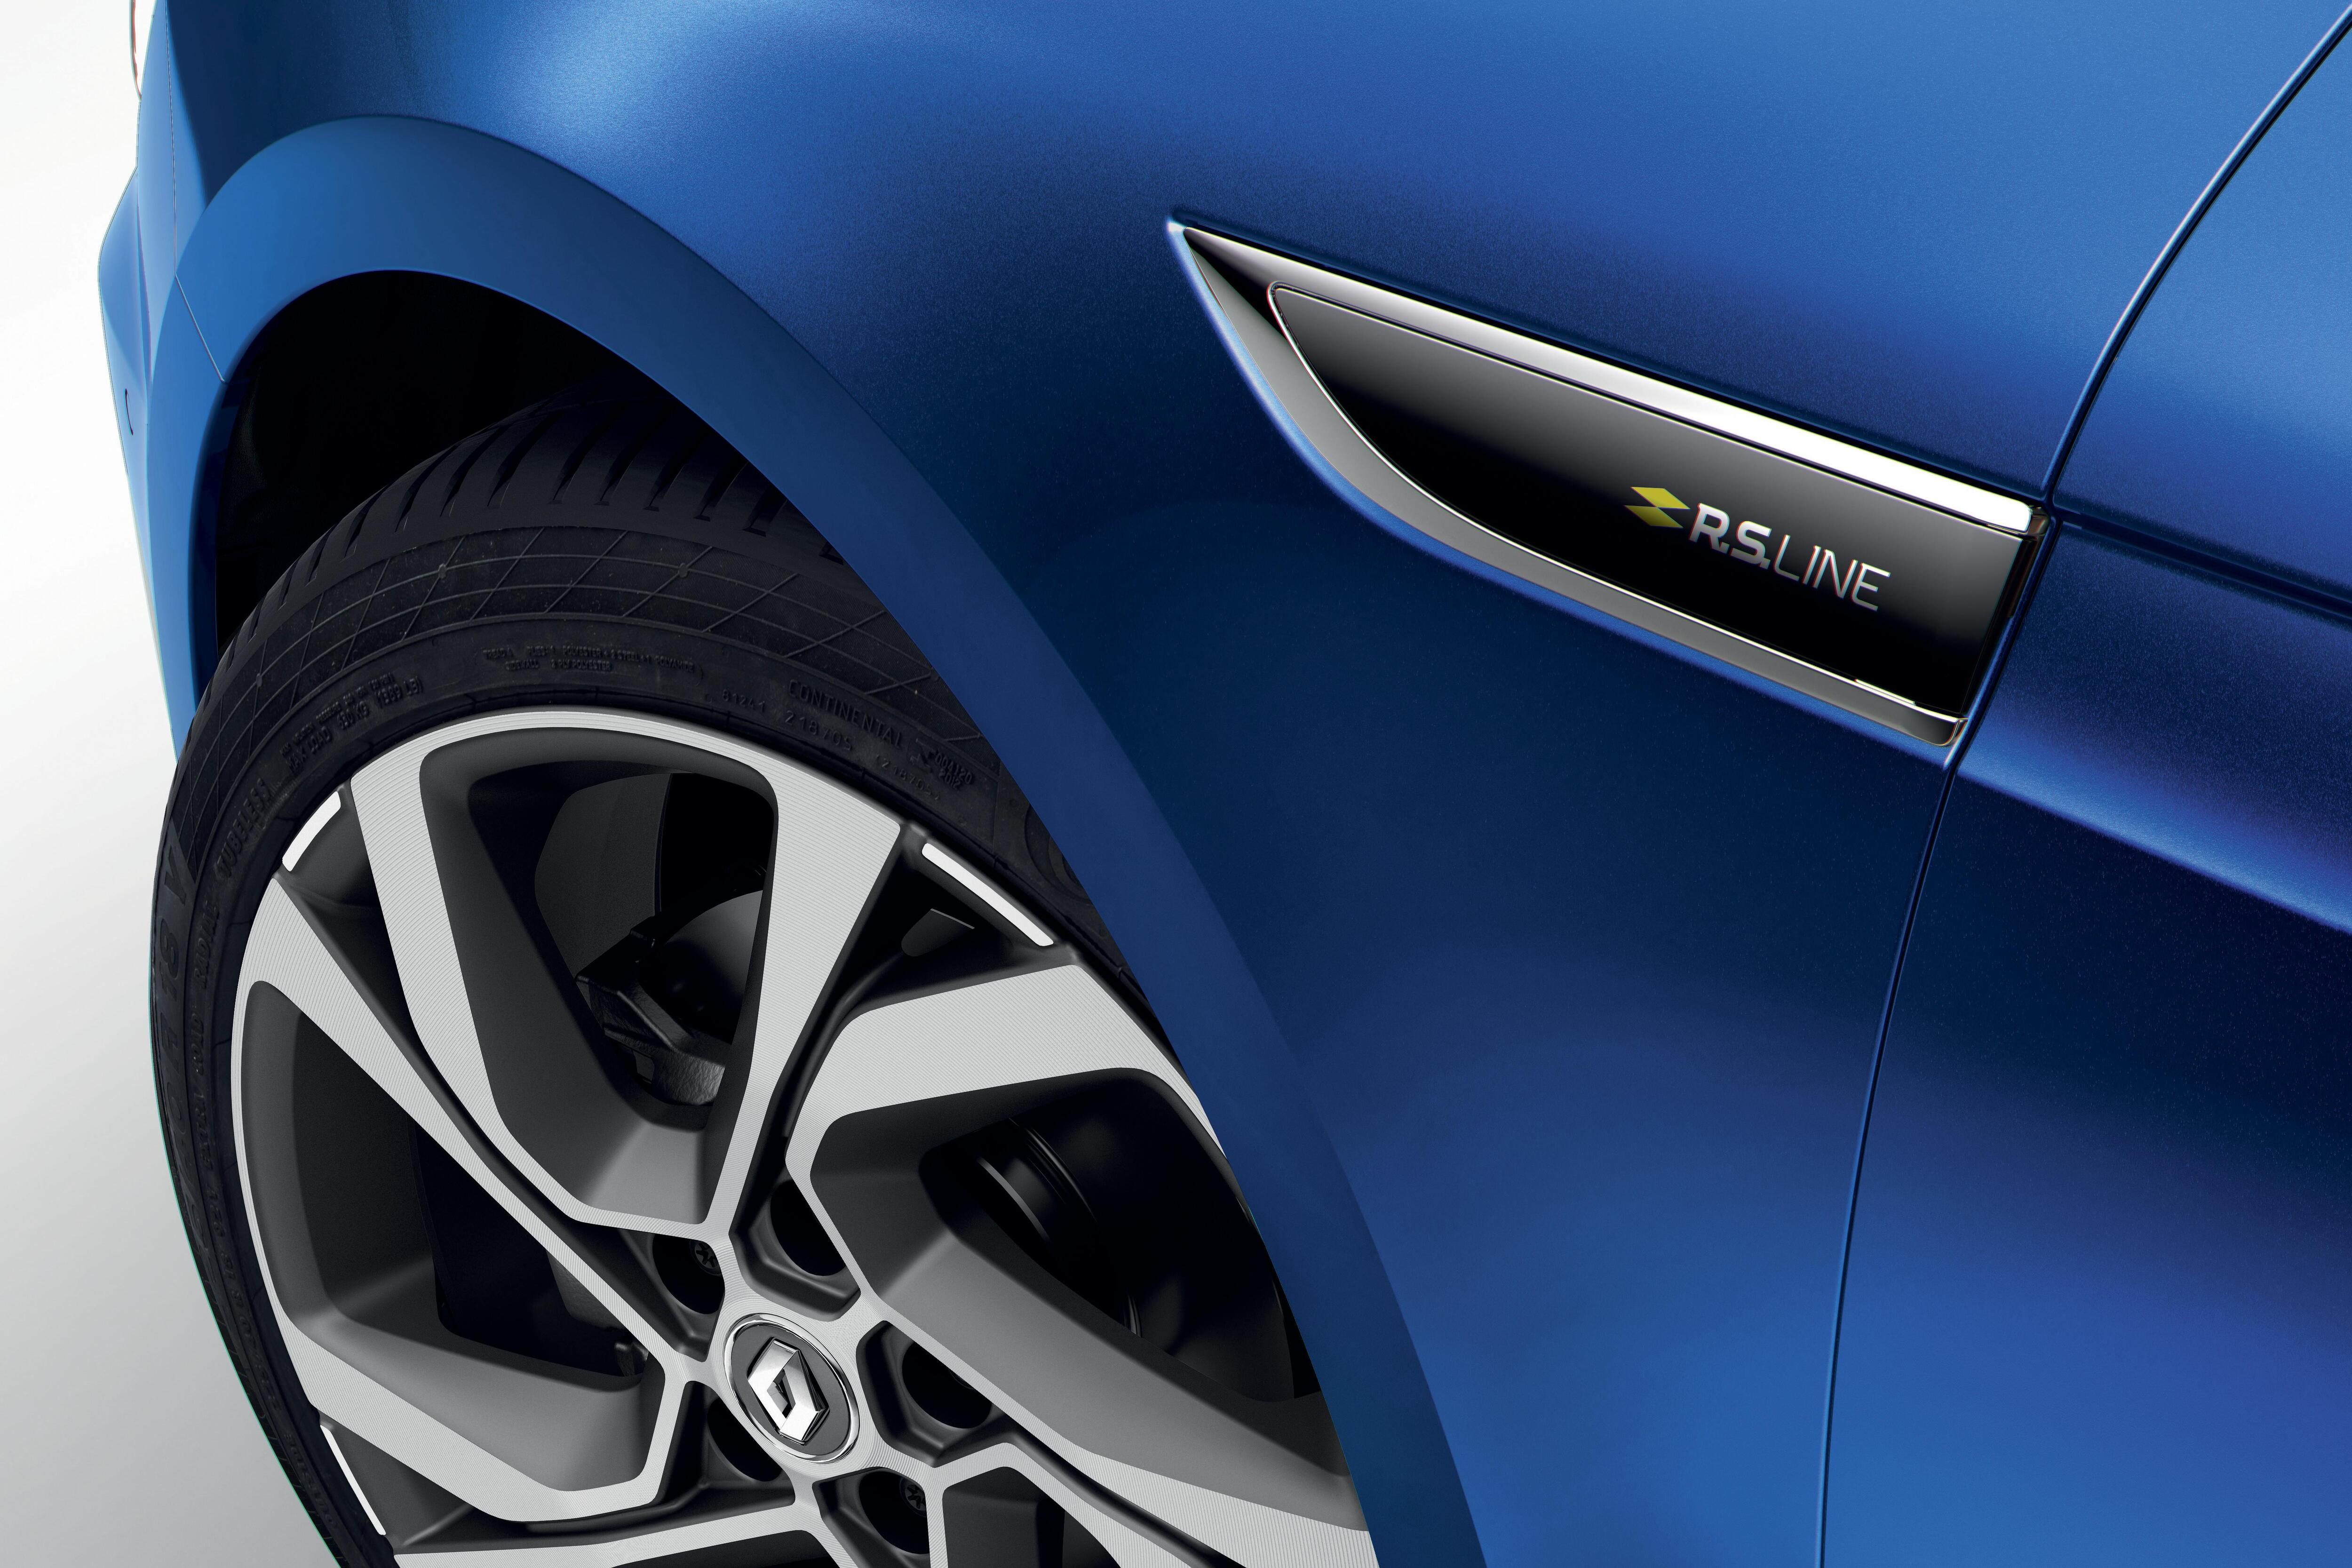 Badge specifico RS Line su parafanghi laterali e portellone posteriore